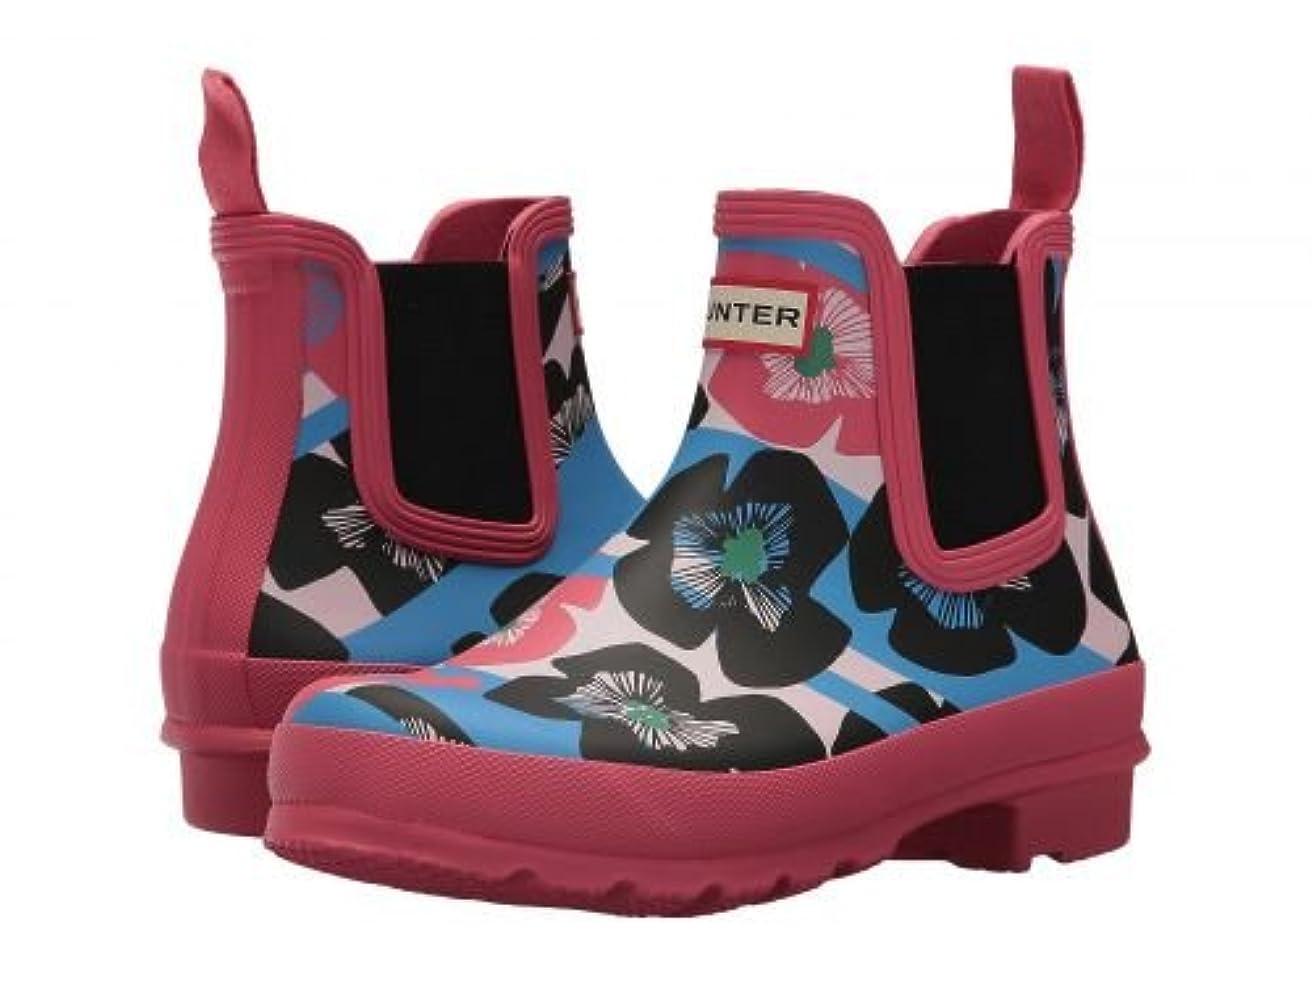 簡単な制裁蓮HUNTER(ハンター) レディース 女性用 シューズ 靴 ブーツ レインブーツ Original Floral Stripe Chelsea Boot - Floral Stripe/Peony [並行輸入品]